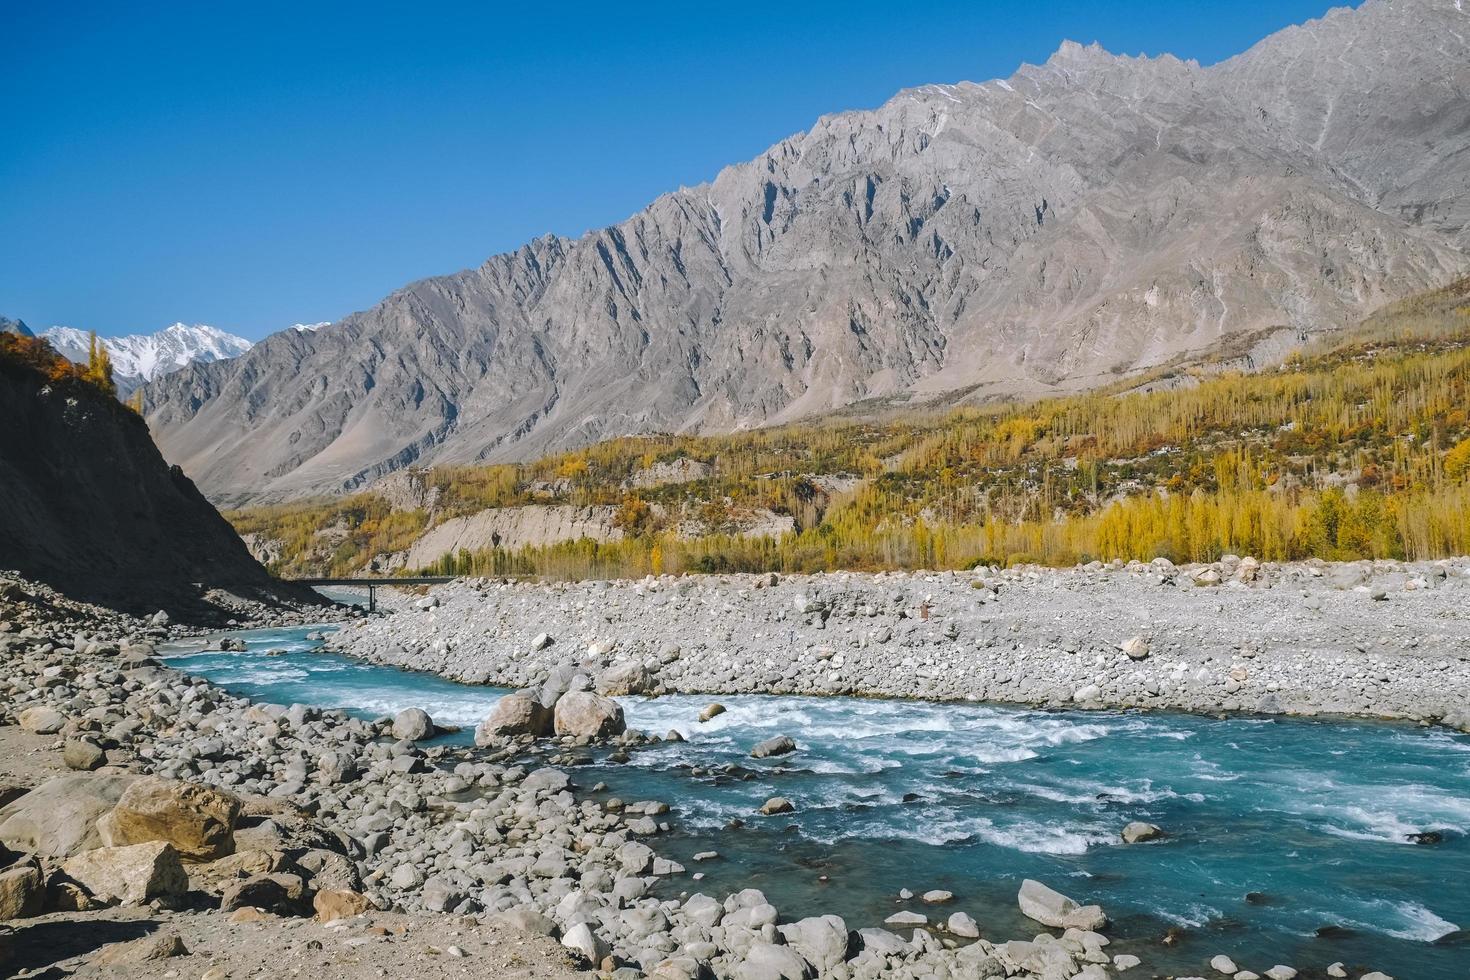 fiume Hunza che scorre attraverso la montagna di Karakoram in autunno foto